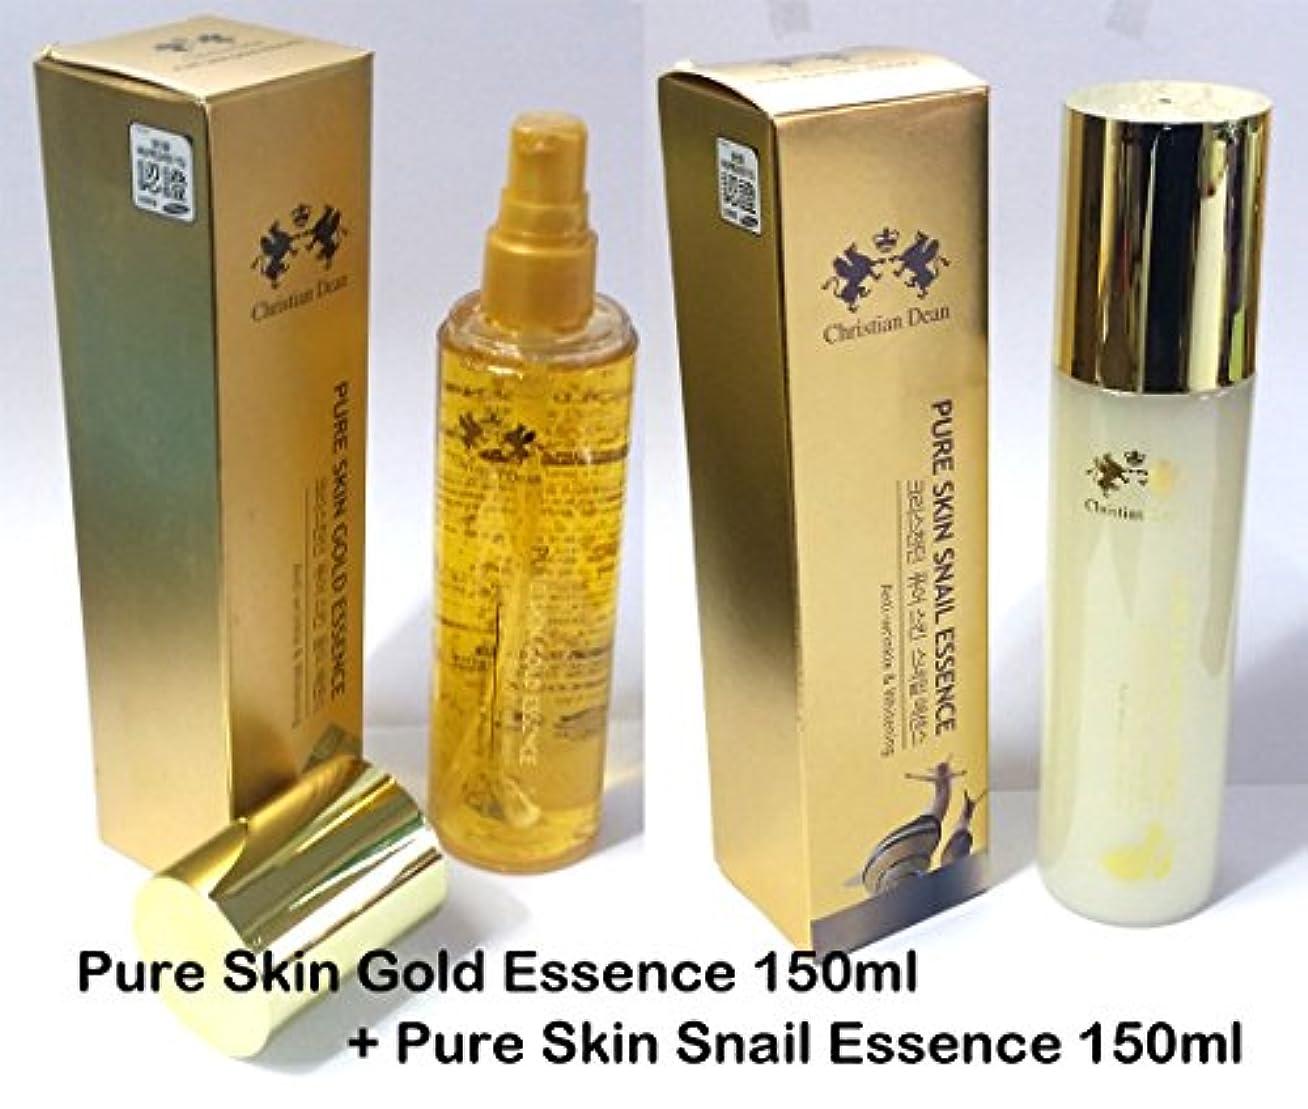 山岳ご意見理容室[Christian Dean] ピュアスキンゴールドエッセンス150ml +ピュアスキンカタツムエッセンス150ml / Pure Skin Gold Essence 150ml + Pure Skin Snail Essence...